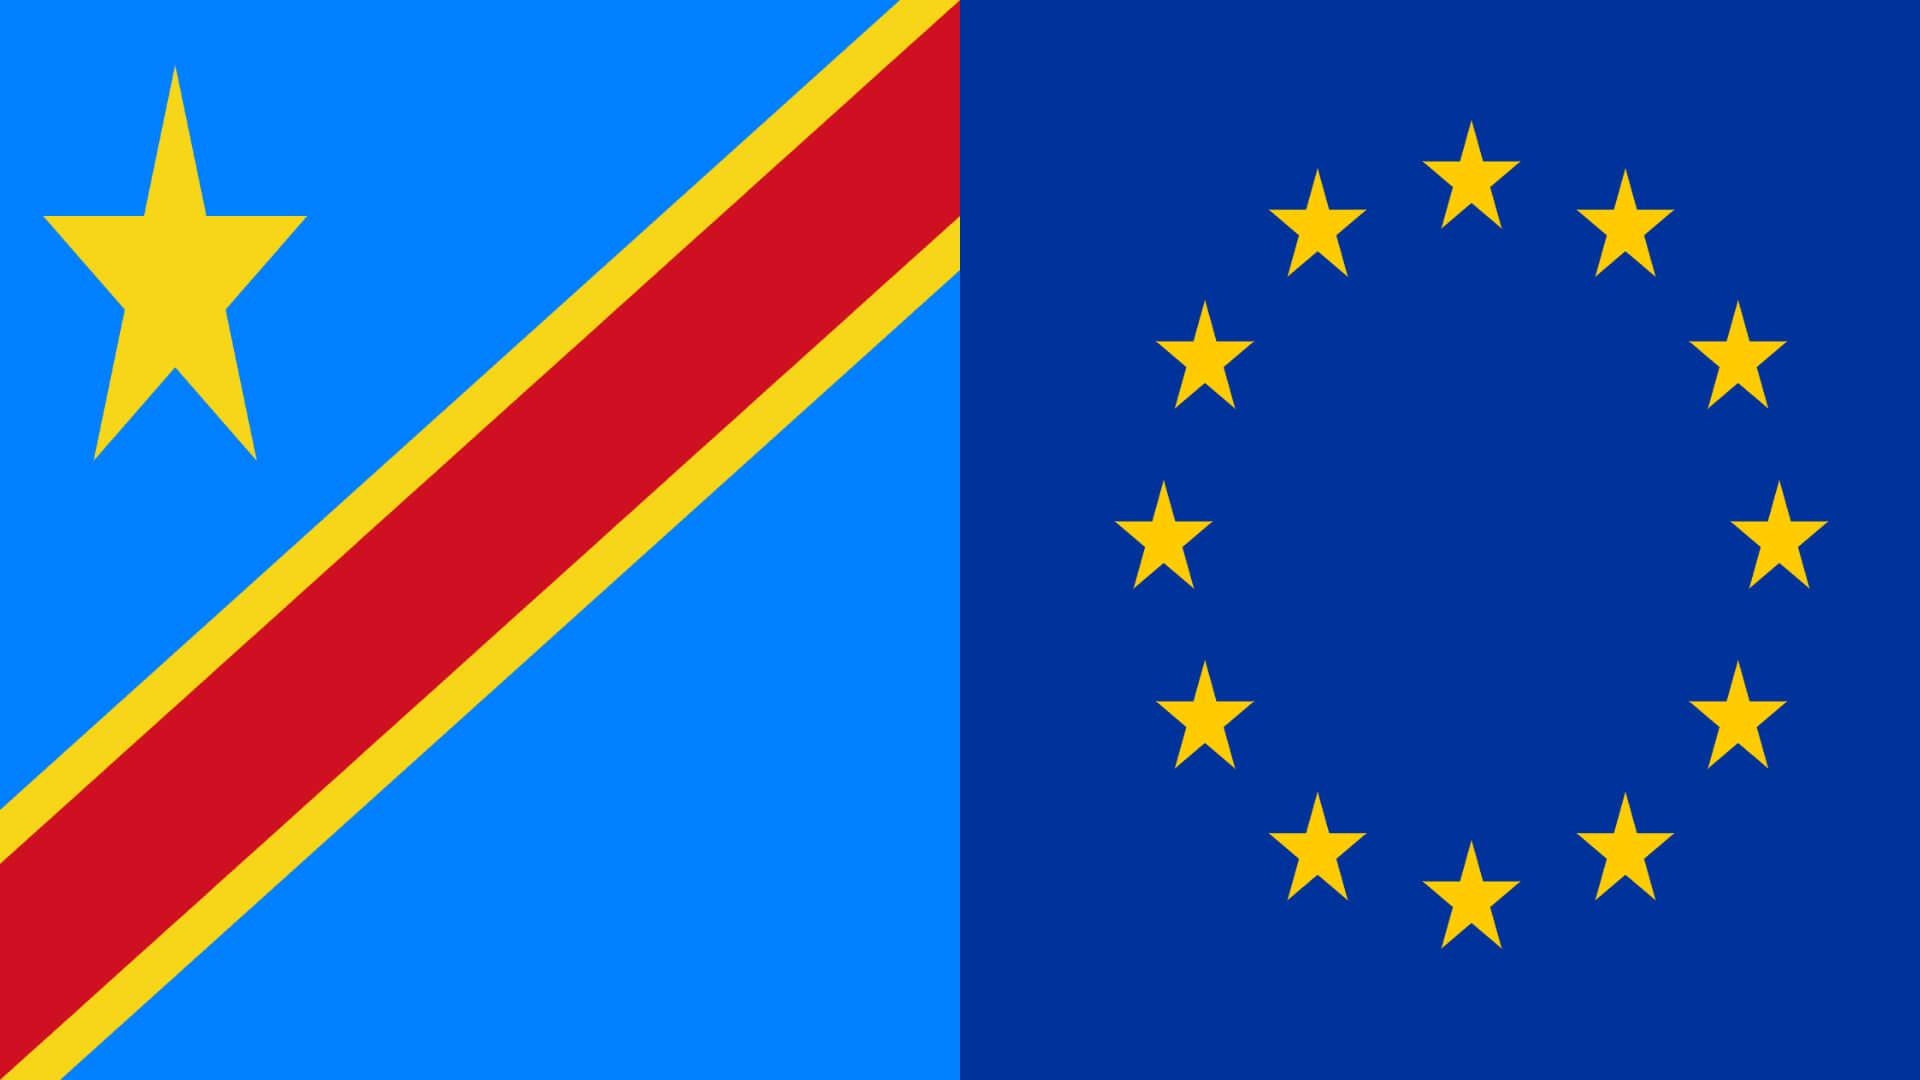 RDC : dossier reprise des vols dans l'espace Schengen, le gouvernement privilégie le dialogue avec l'Union européenne